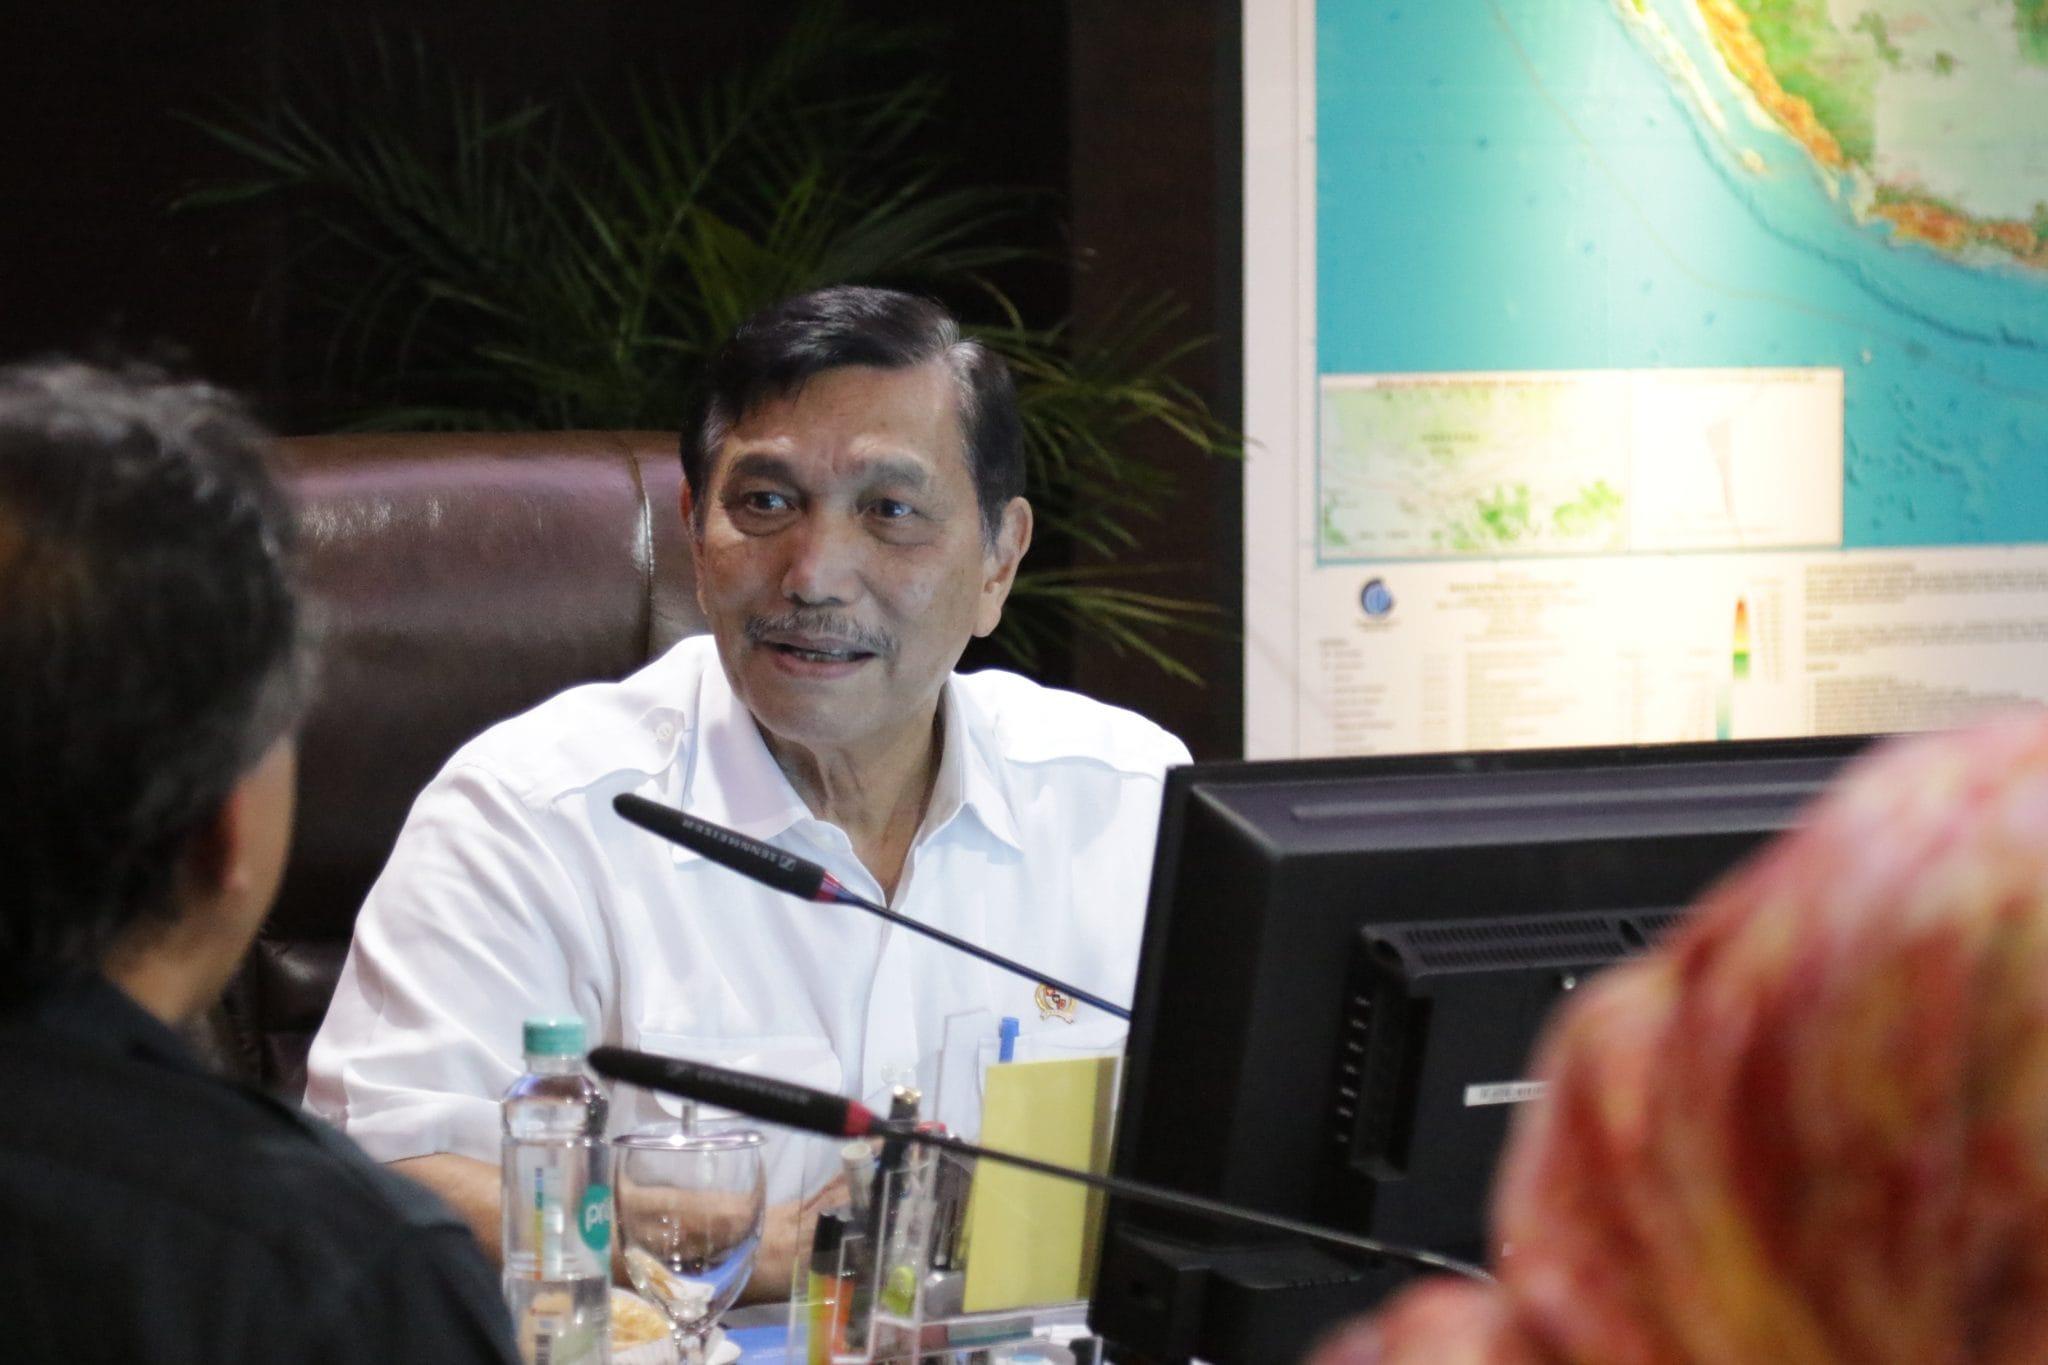 Menko Luhut Rapat Persiapan Menerima Delegasi CDB di Kantor Maritim